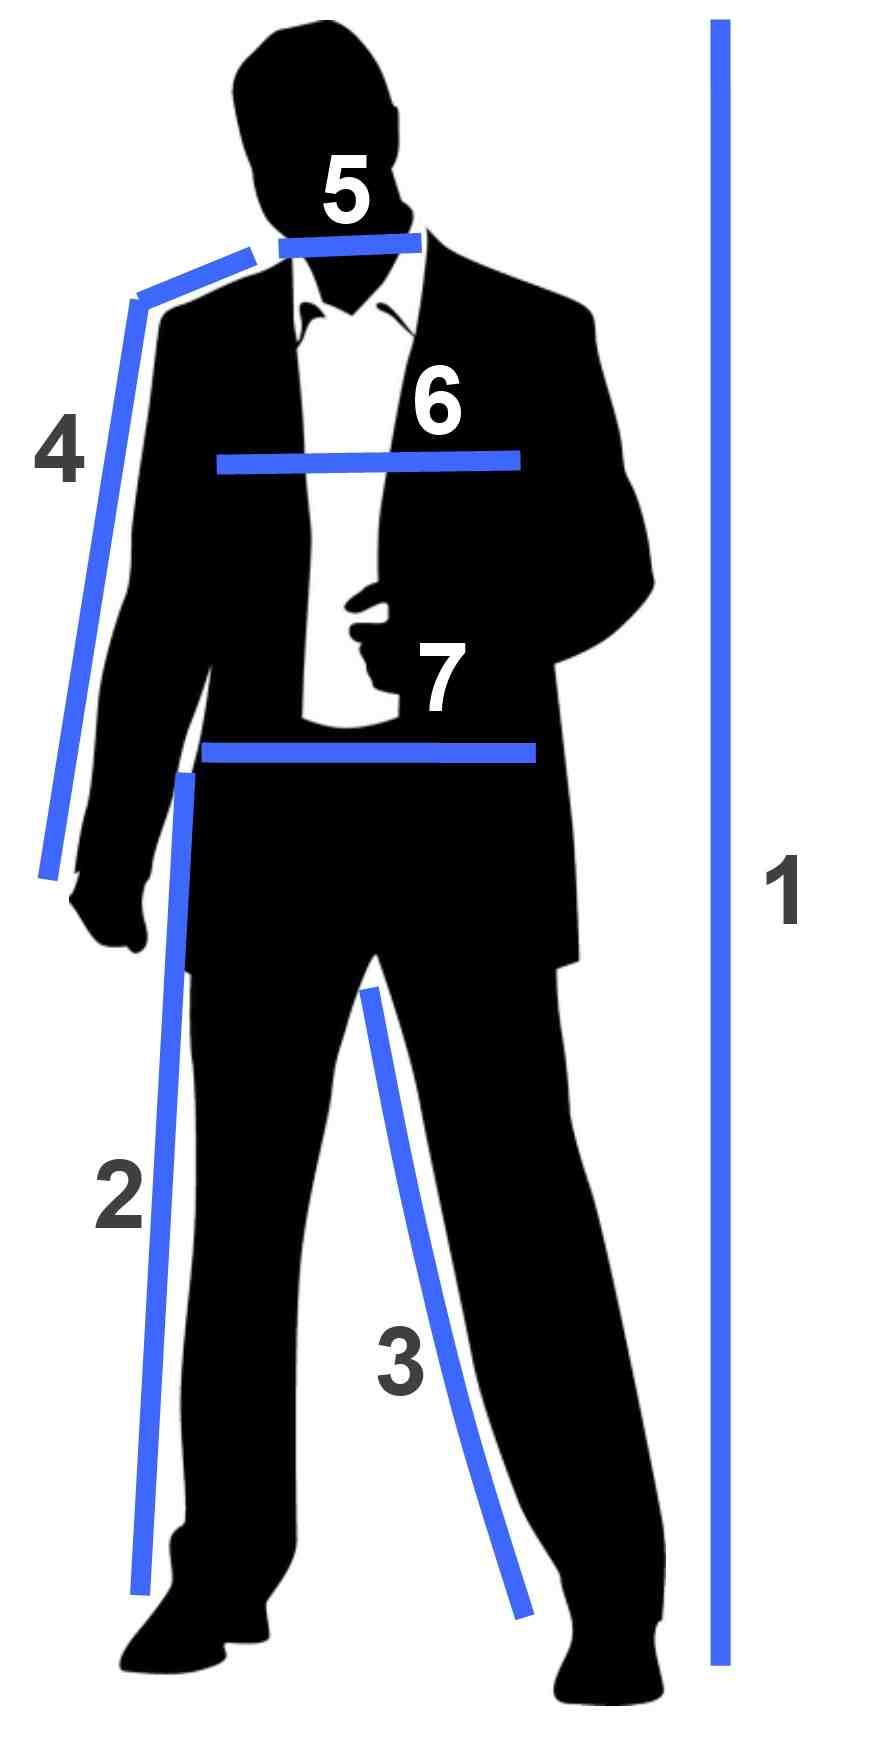 Мерки для размеров мужской одежды